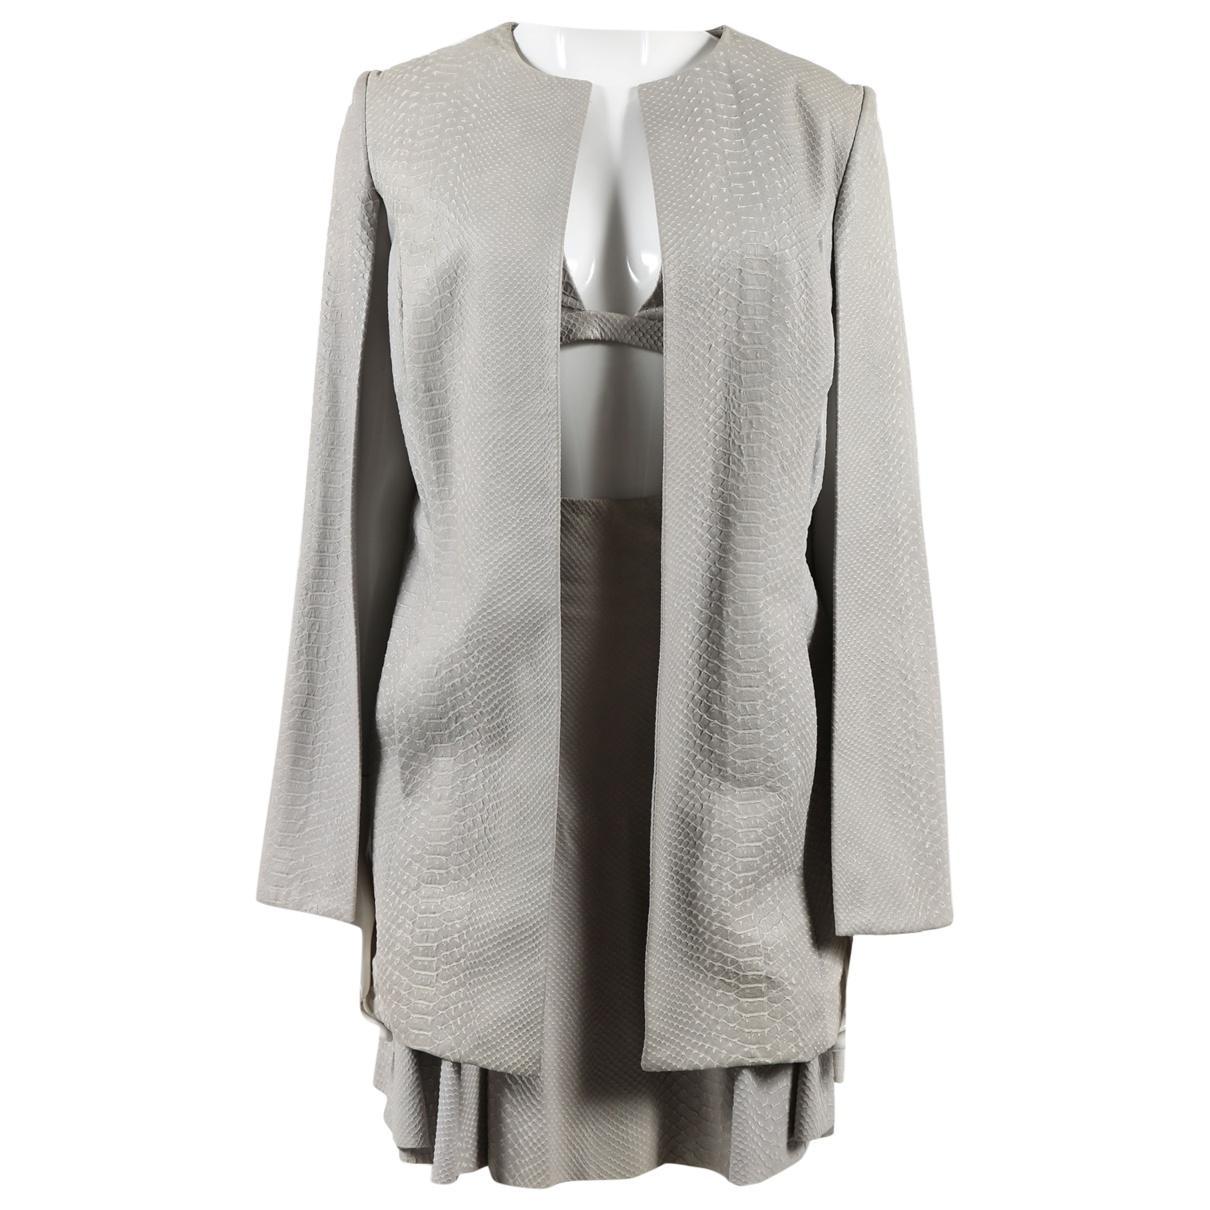 4f1ad857a061 Lyst - Cushnie et Ochs Grey Leather Jacket in Gray